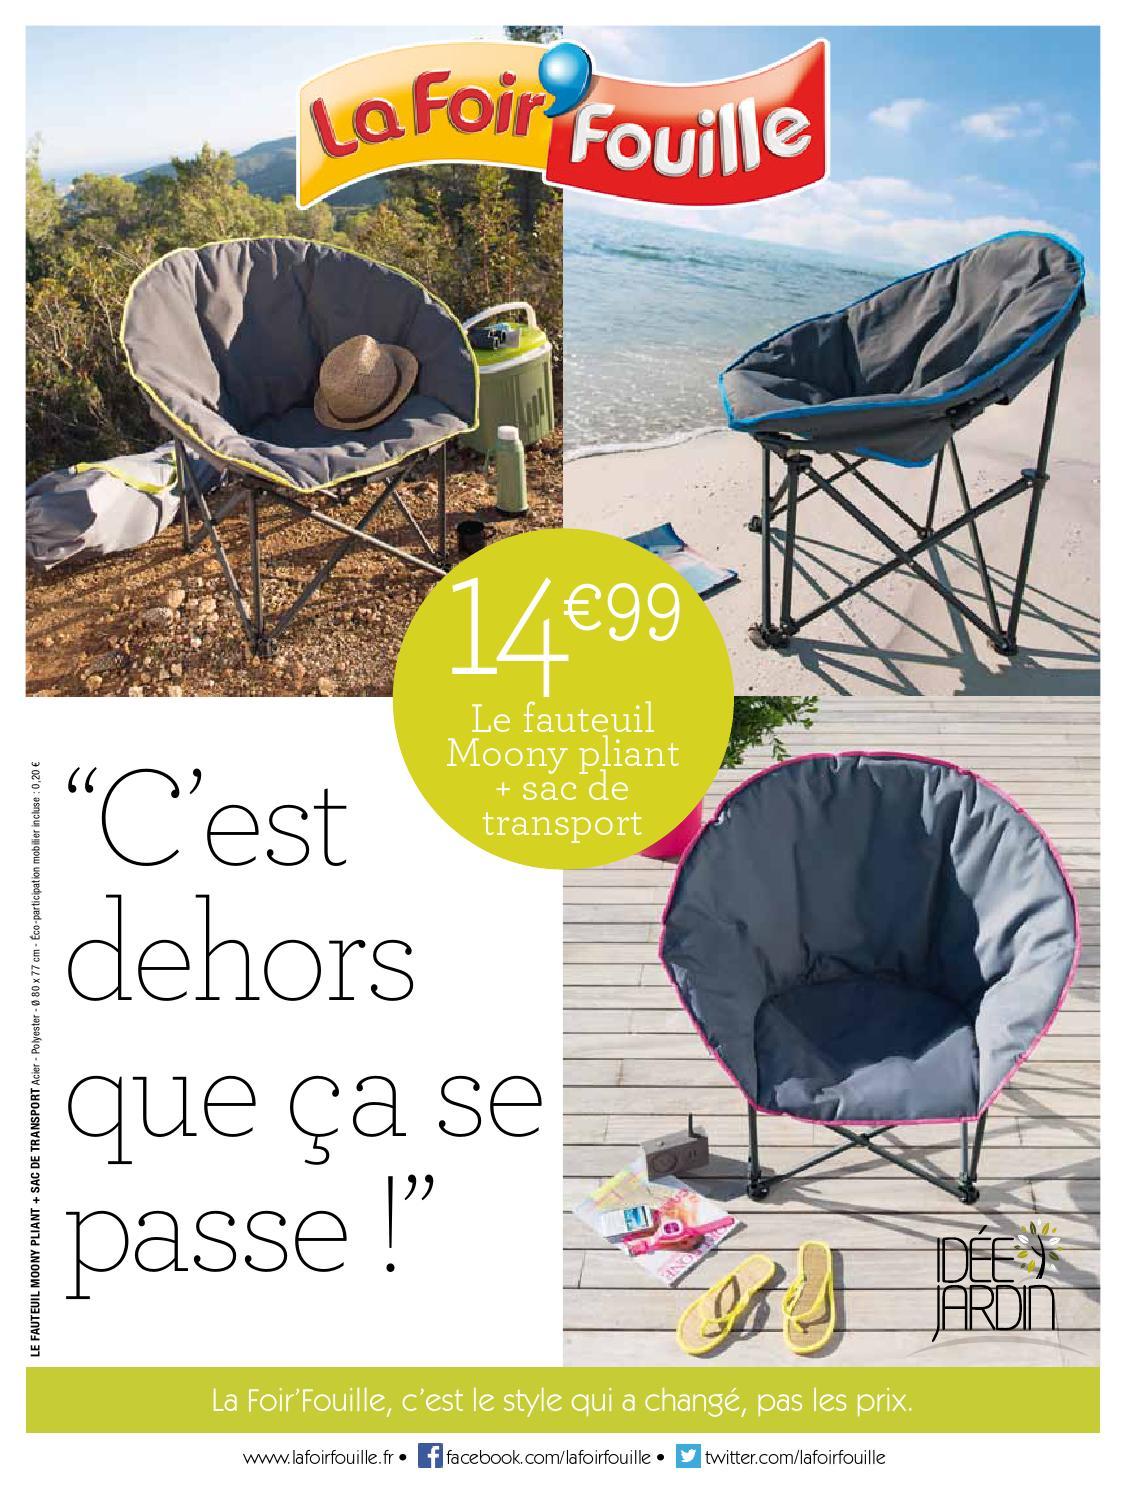 Catalogue La Foir Fouille - C\'est dehors que ça se passe! by ...